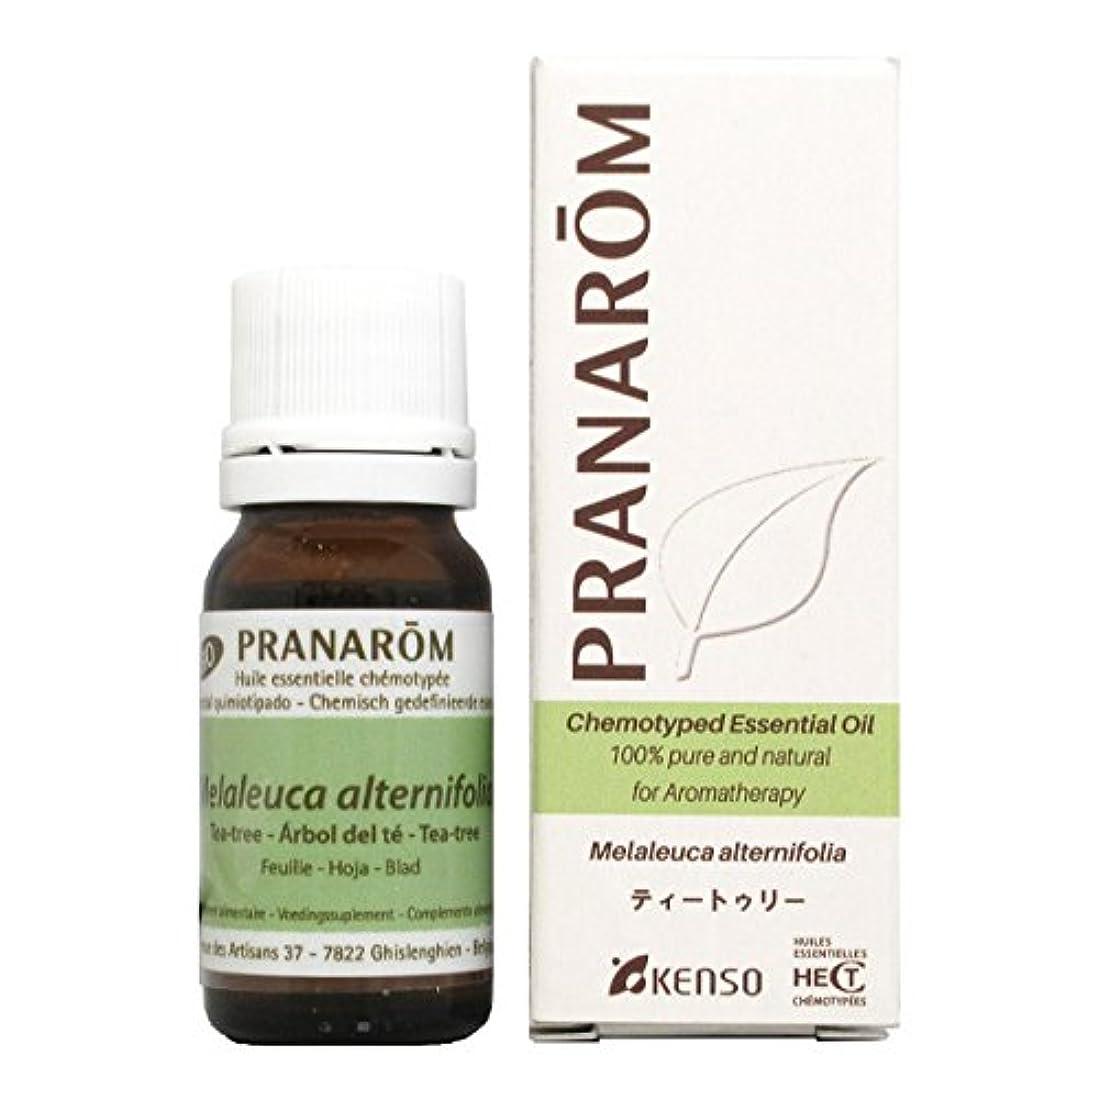 内なる一節電圧【ティートリー 10ml】→フレッシュでスパイシーな香り?(森林浴系)[PRANAROM(プラナロム)精油/アロマオイル/エッセンシャルオイル]P-109